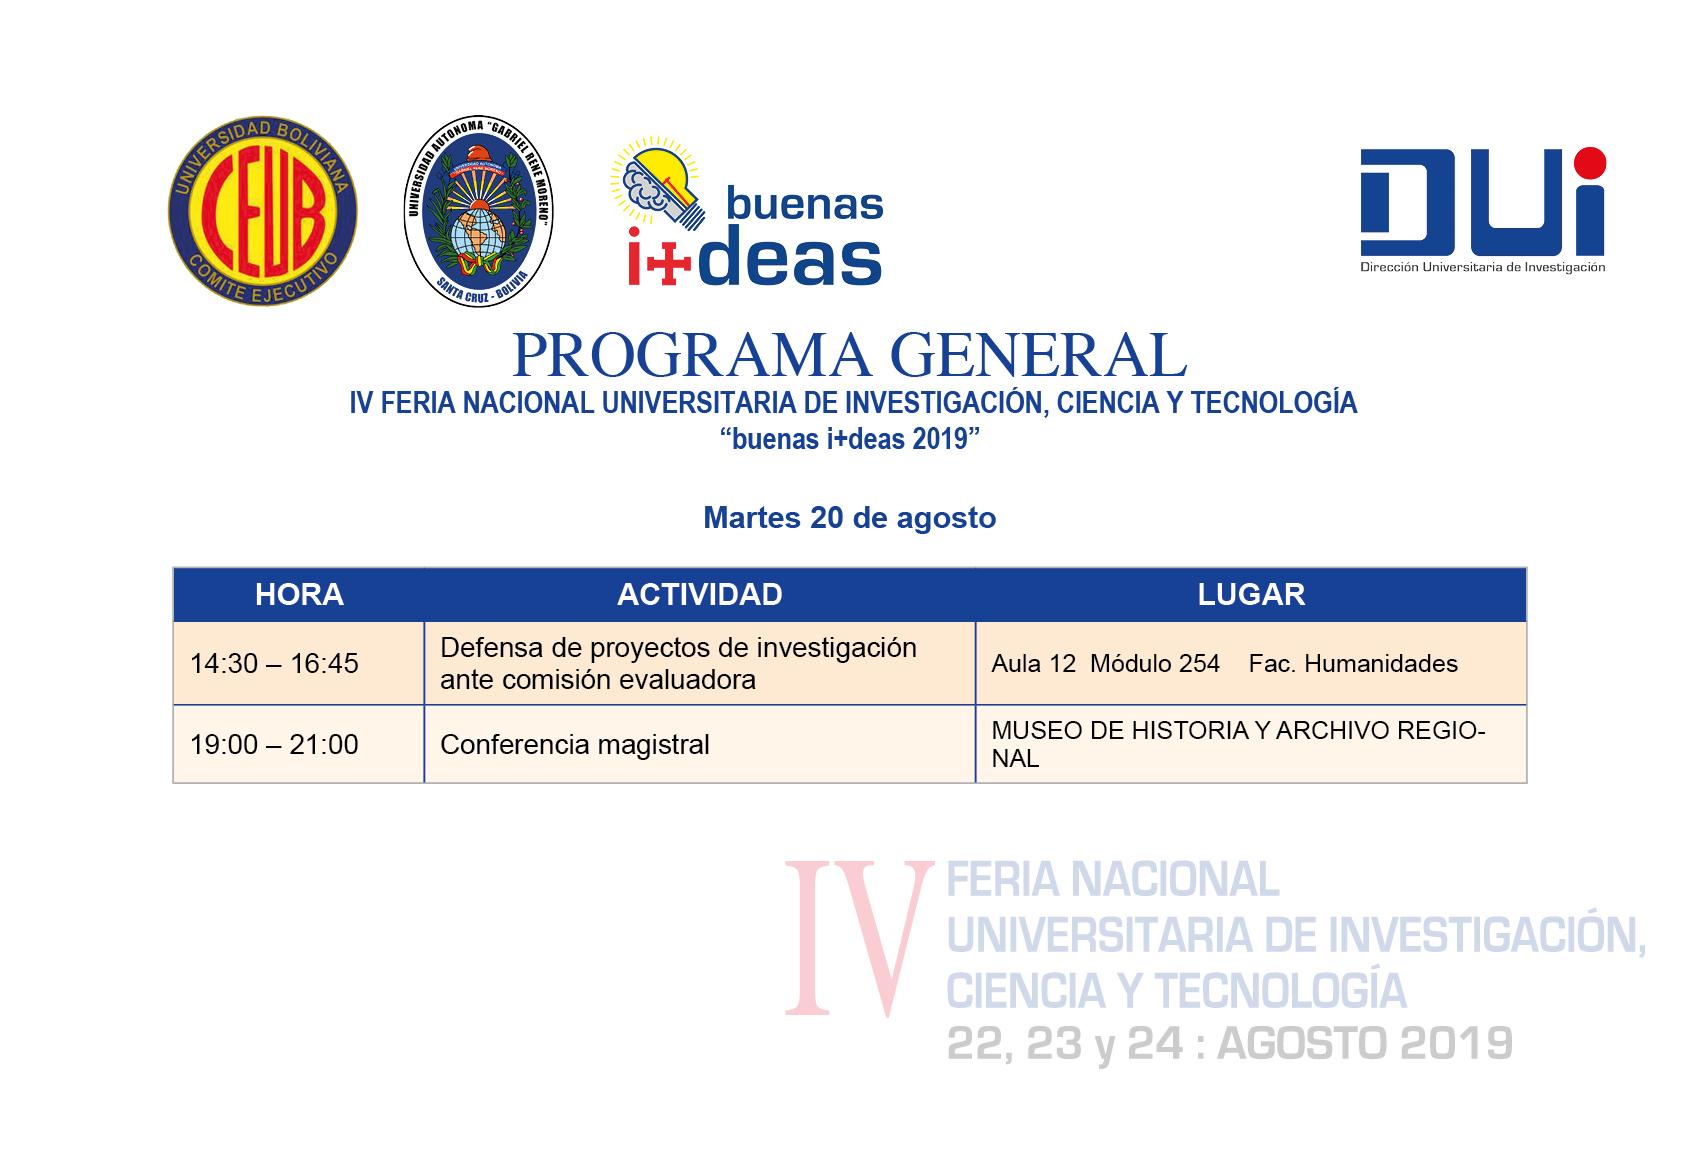 PROGRAMA GENERAL buenas i+deas 20 de agosto